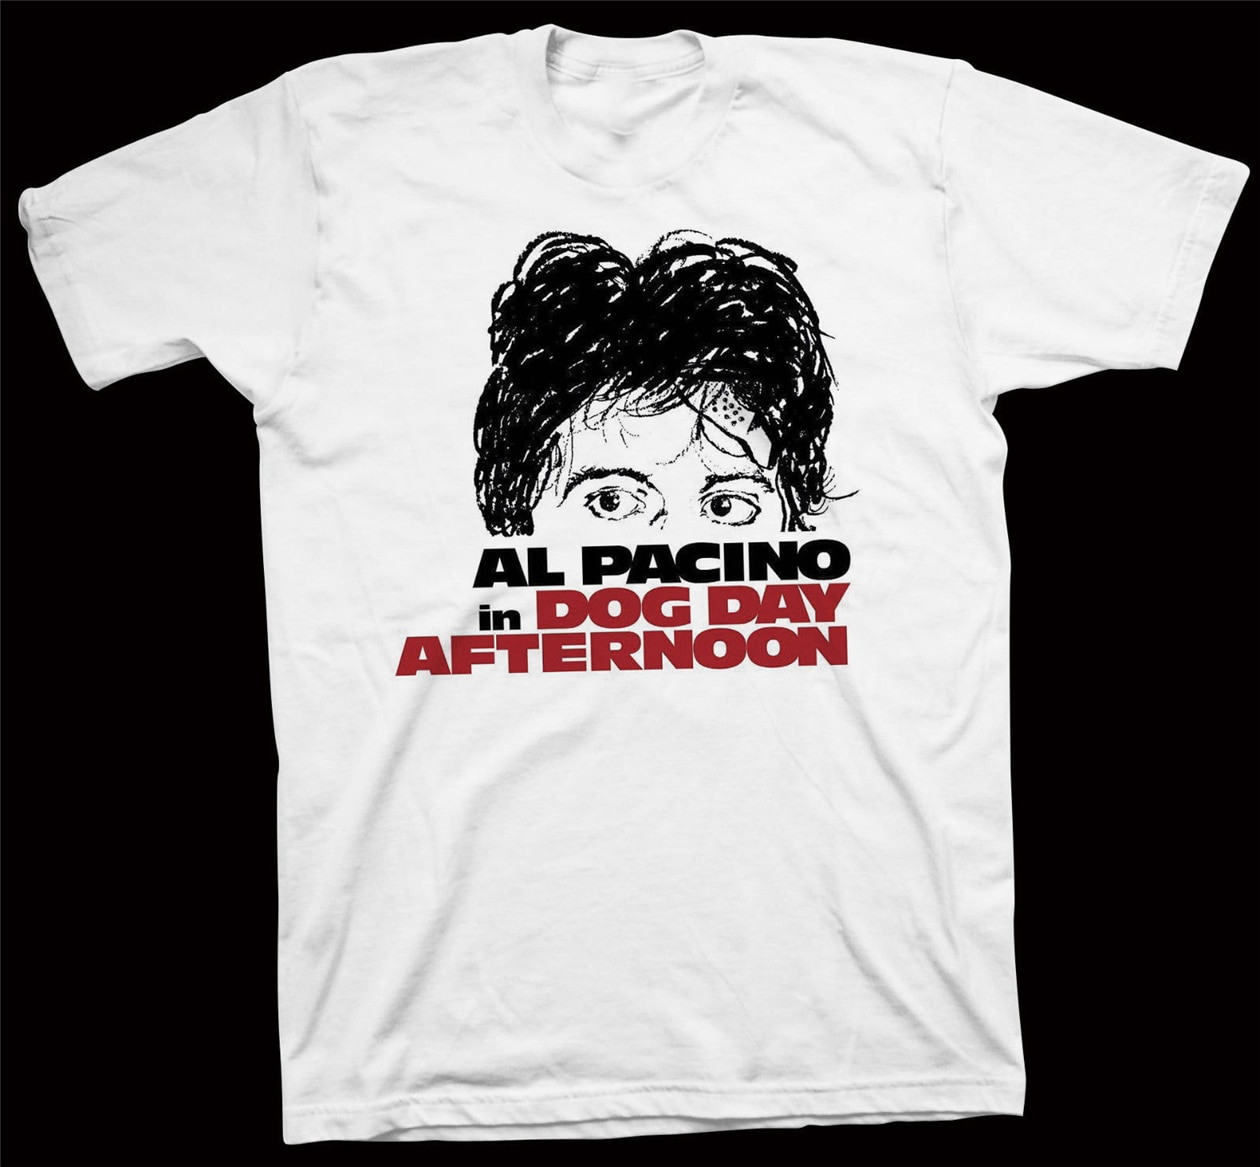 Camisetas de la tarde para el día del perro, camiseta de Sidney Lumet, Al Pacino, John Cazale, camiseta de cine de Hollywood con estampado Digital